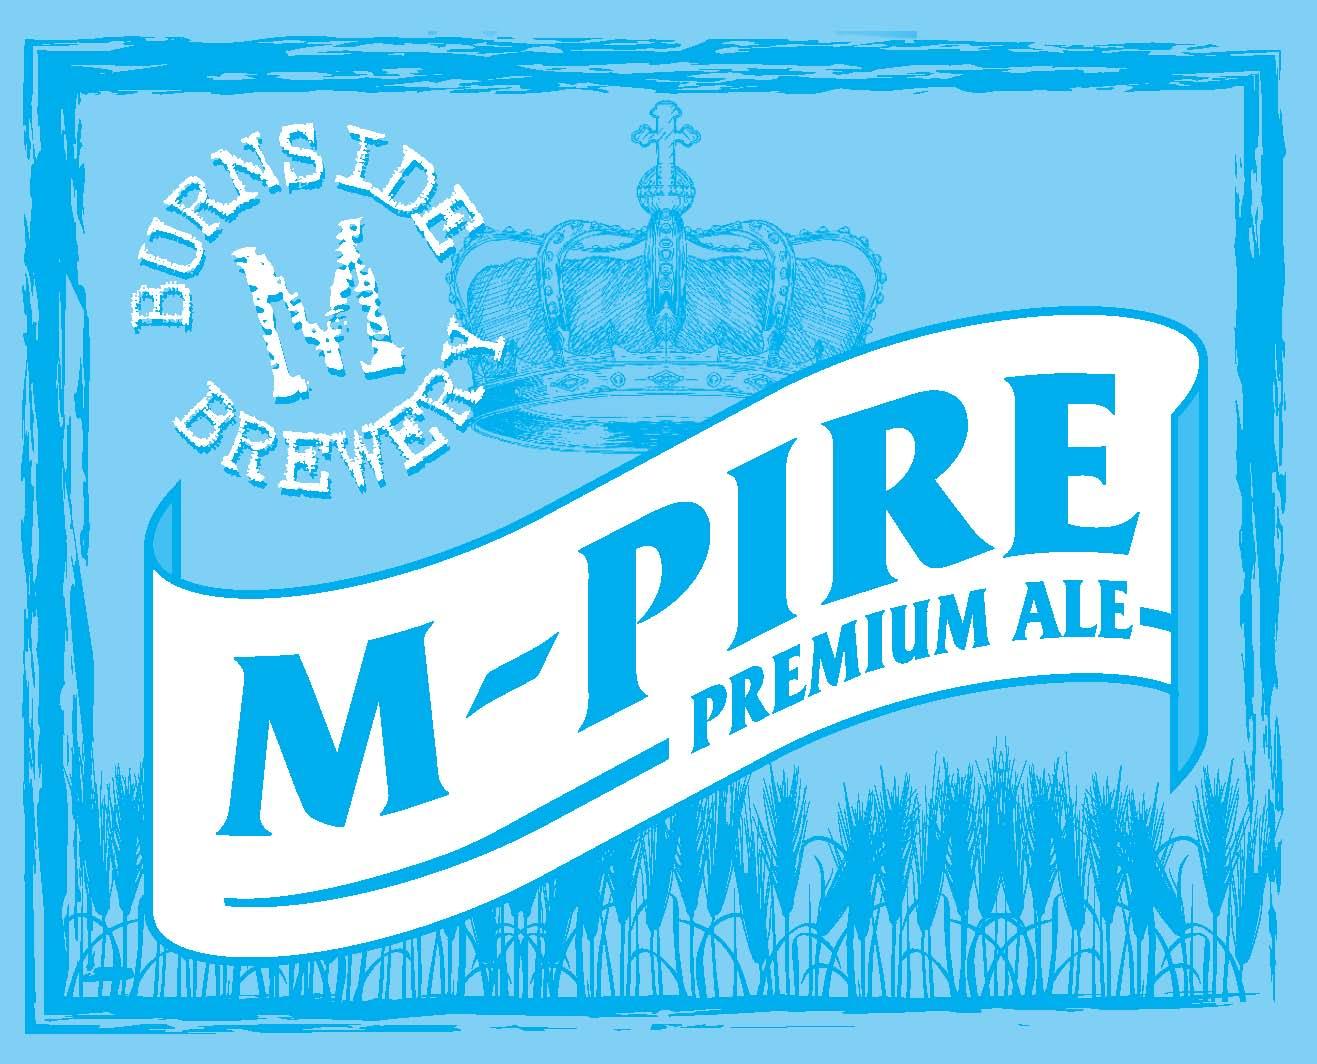 7. M-PIRE Premium Ale